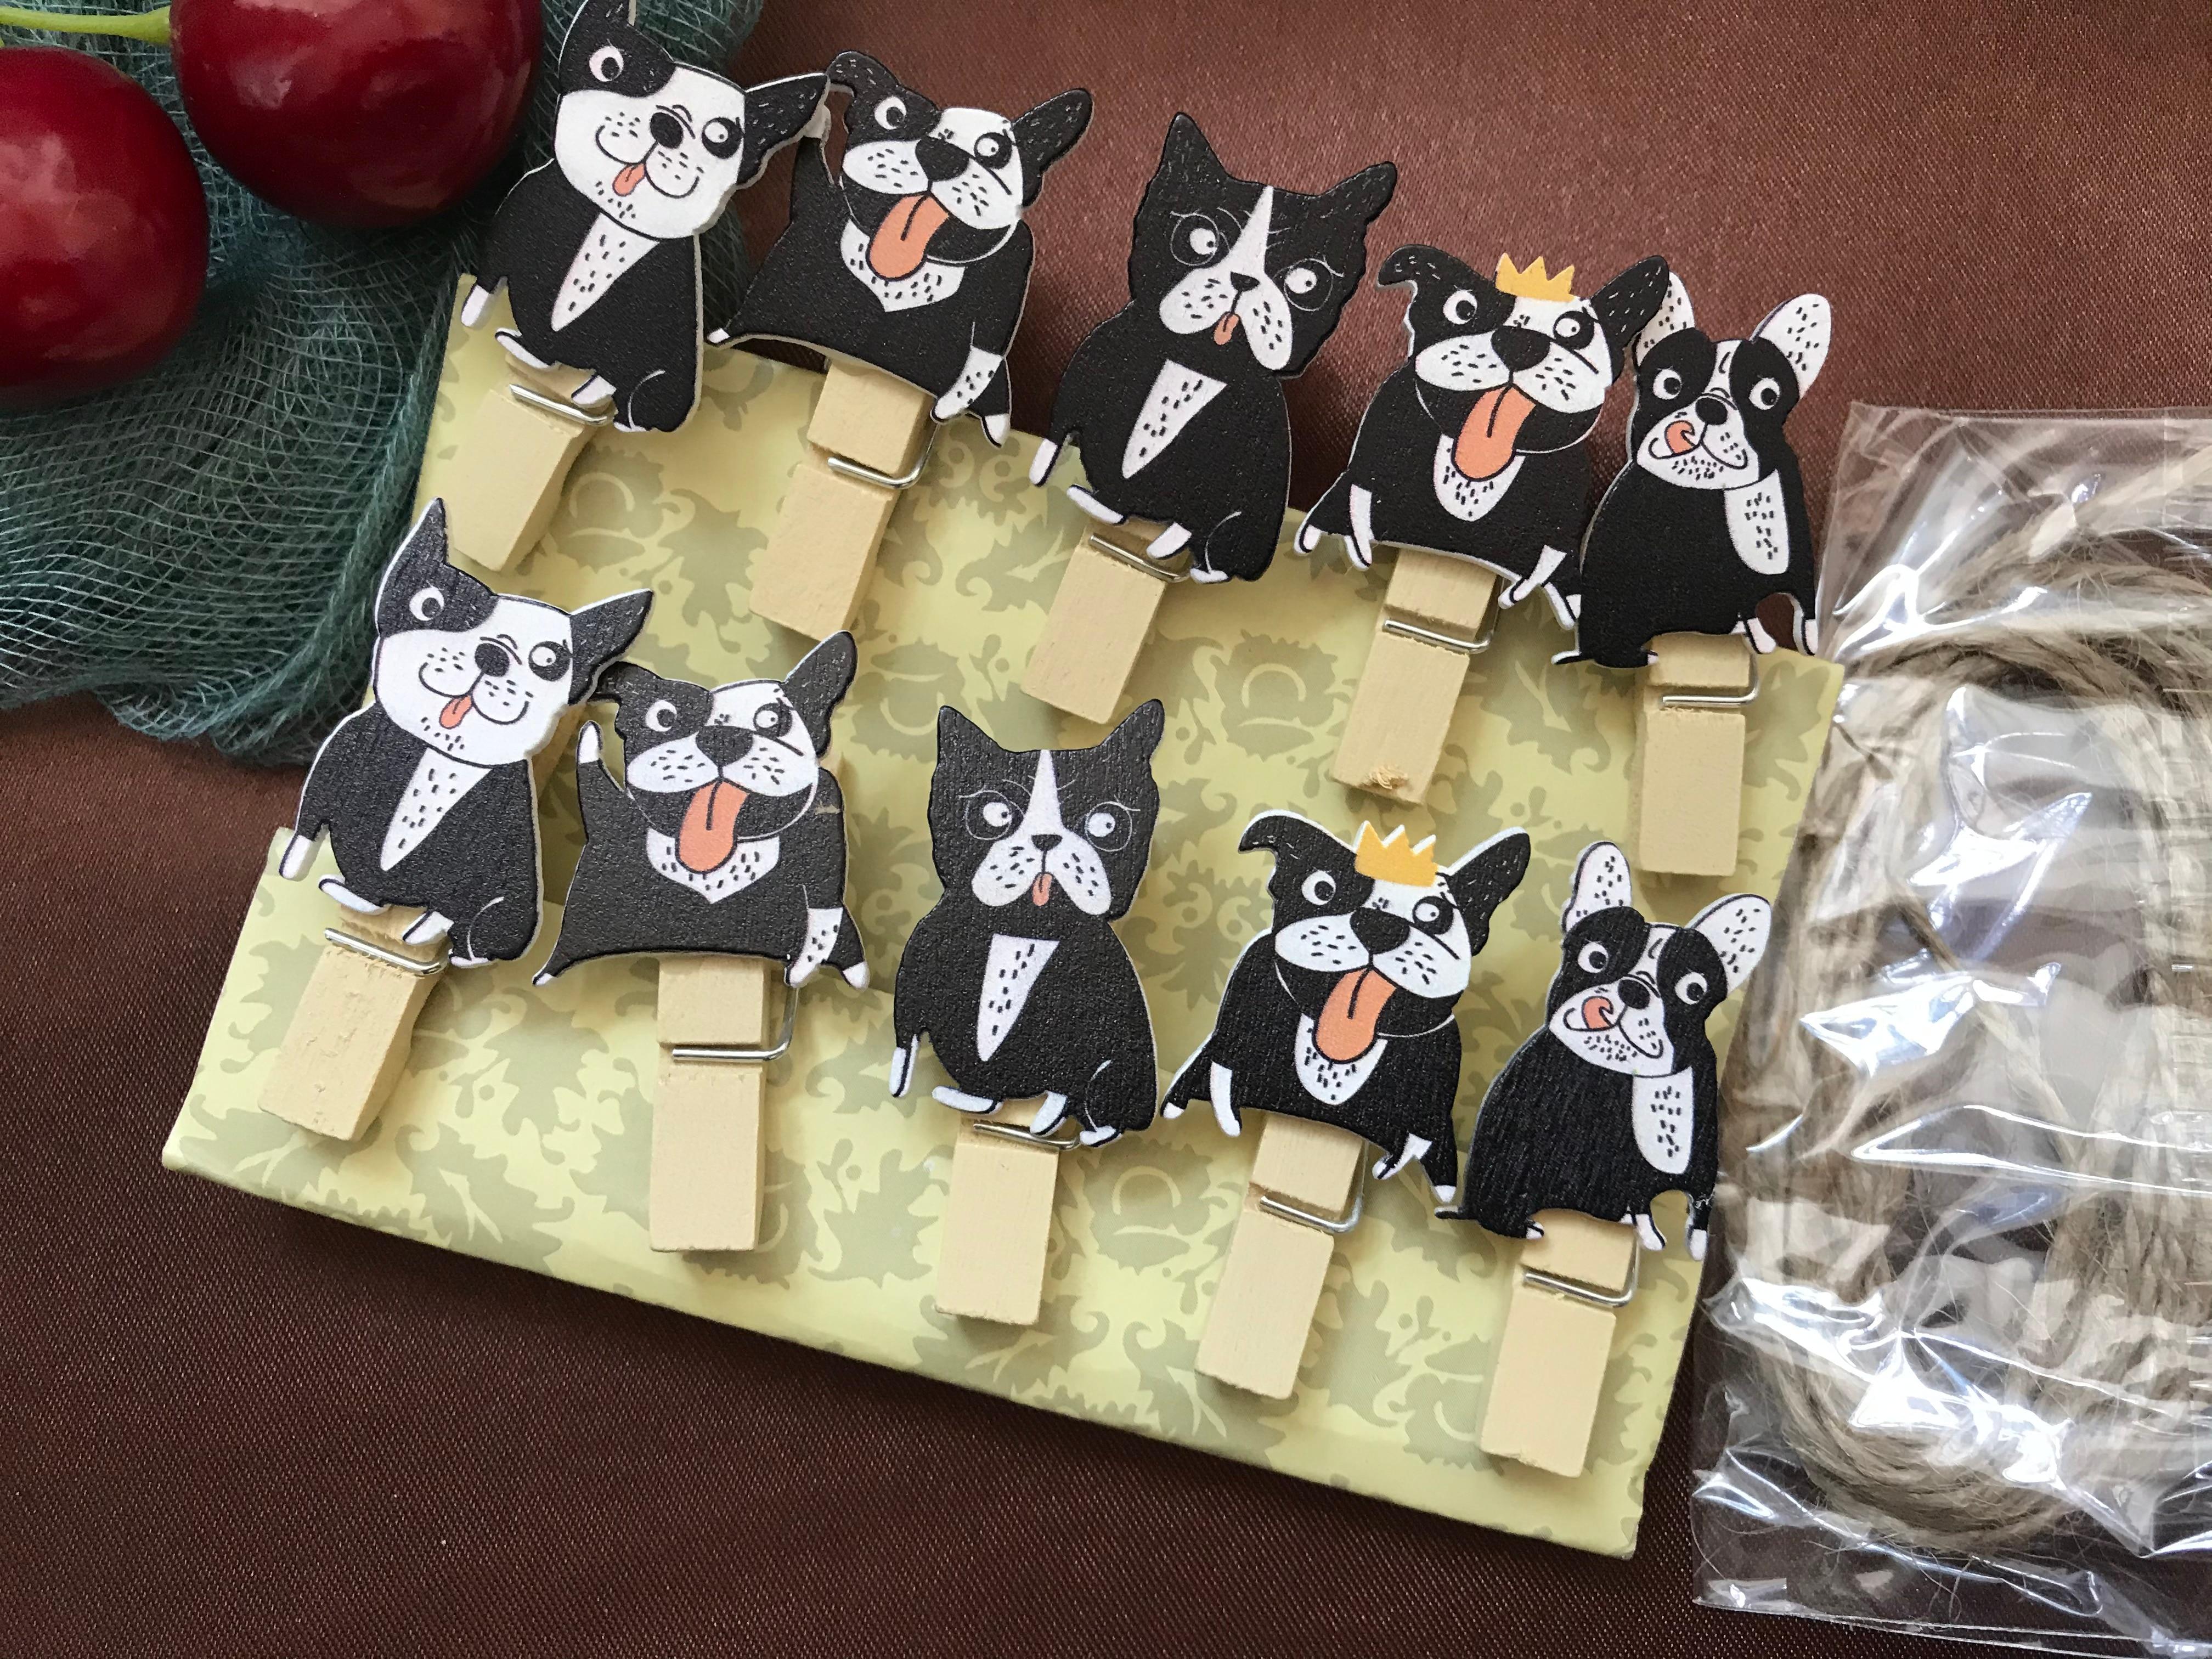 30 stücke Schwarz Hund Holz Pegs,Pin Clothespin Handwerk Clips, woode Clips mit Schnur für kinder Geburtstag Partei Dekoriert Geschenk Favor